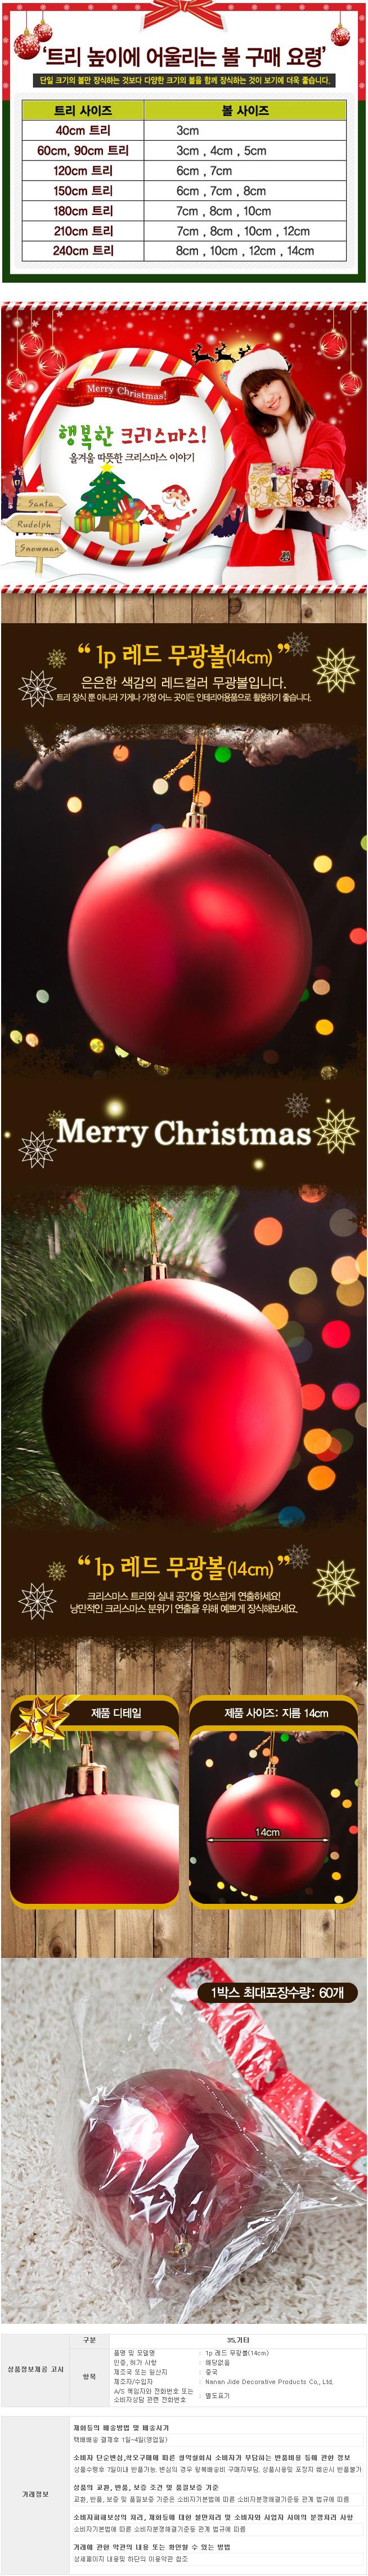 성탄절 크리스마스 레드 무광볼 장식 14cm - 기프트갓, 3,730원, 장식품, 오너먼트